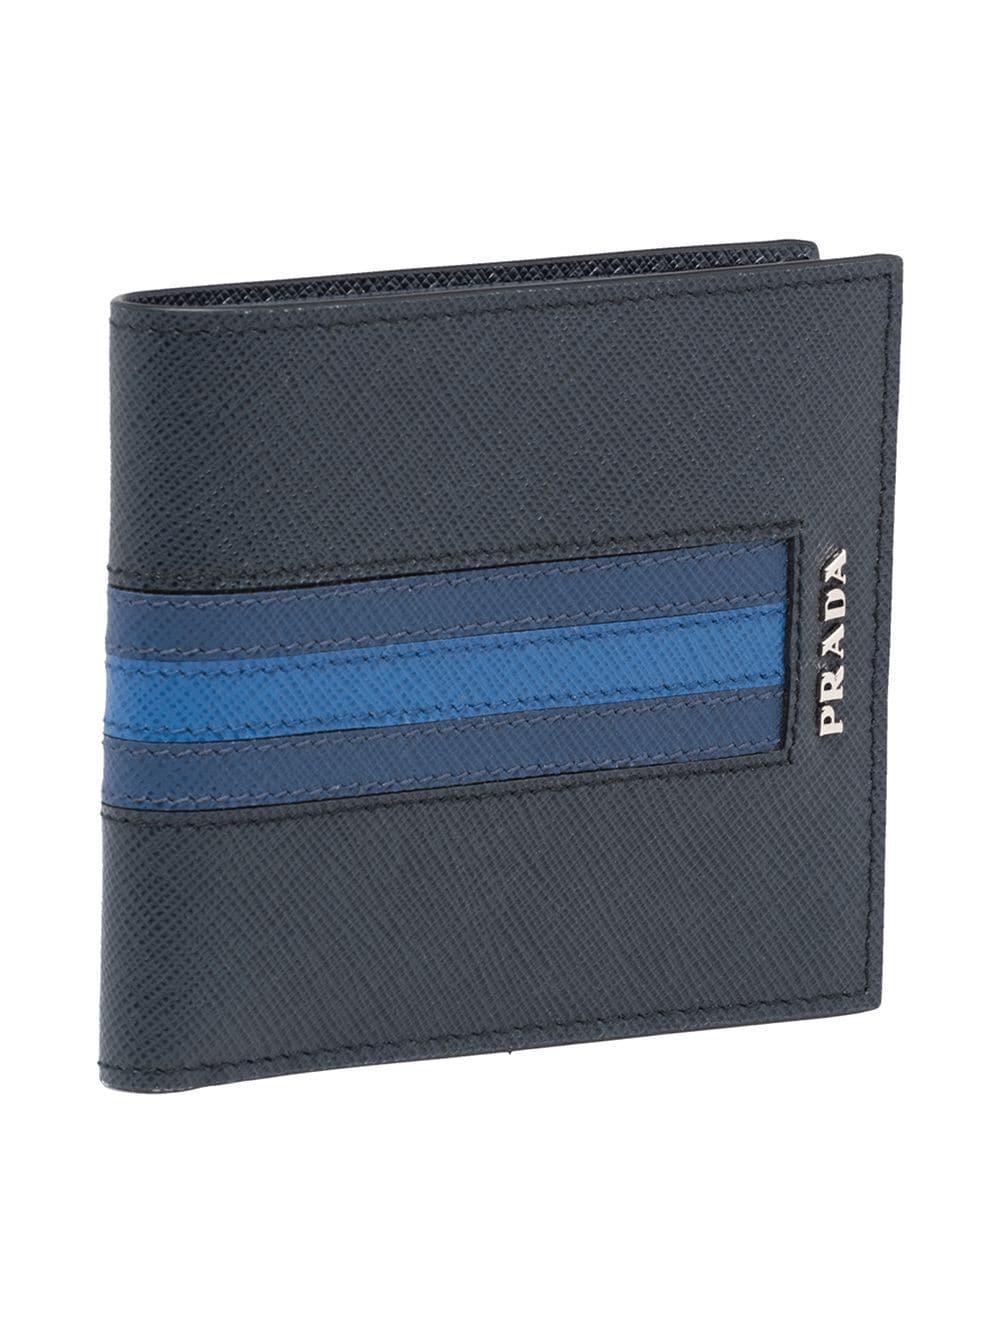 86e528b4e5e791 Prada Saffiano Stripe Wallet in Blue for Men - Lyst